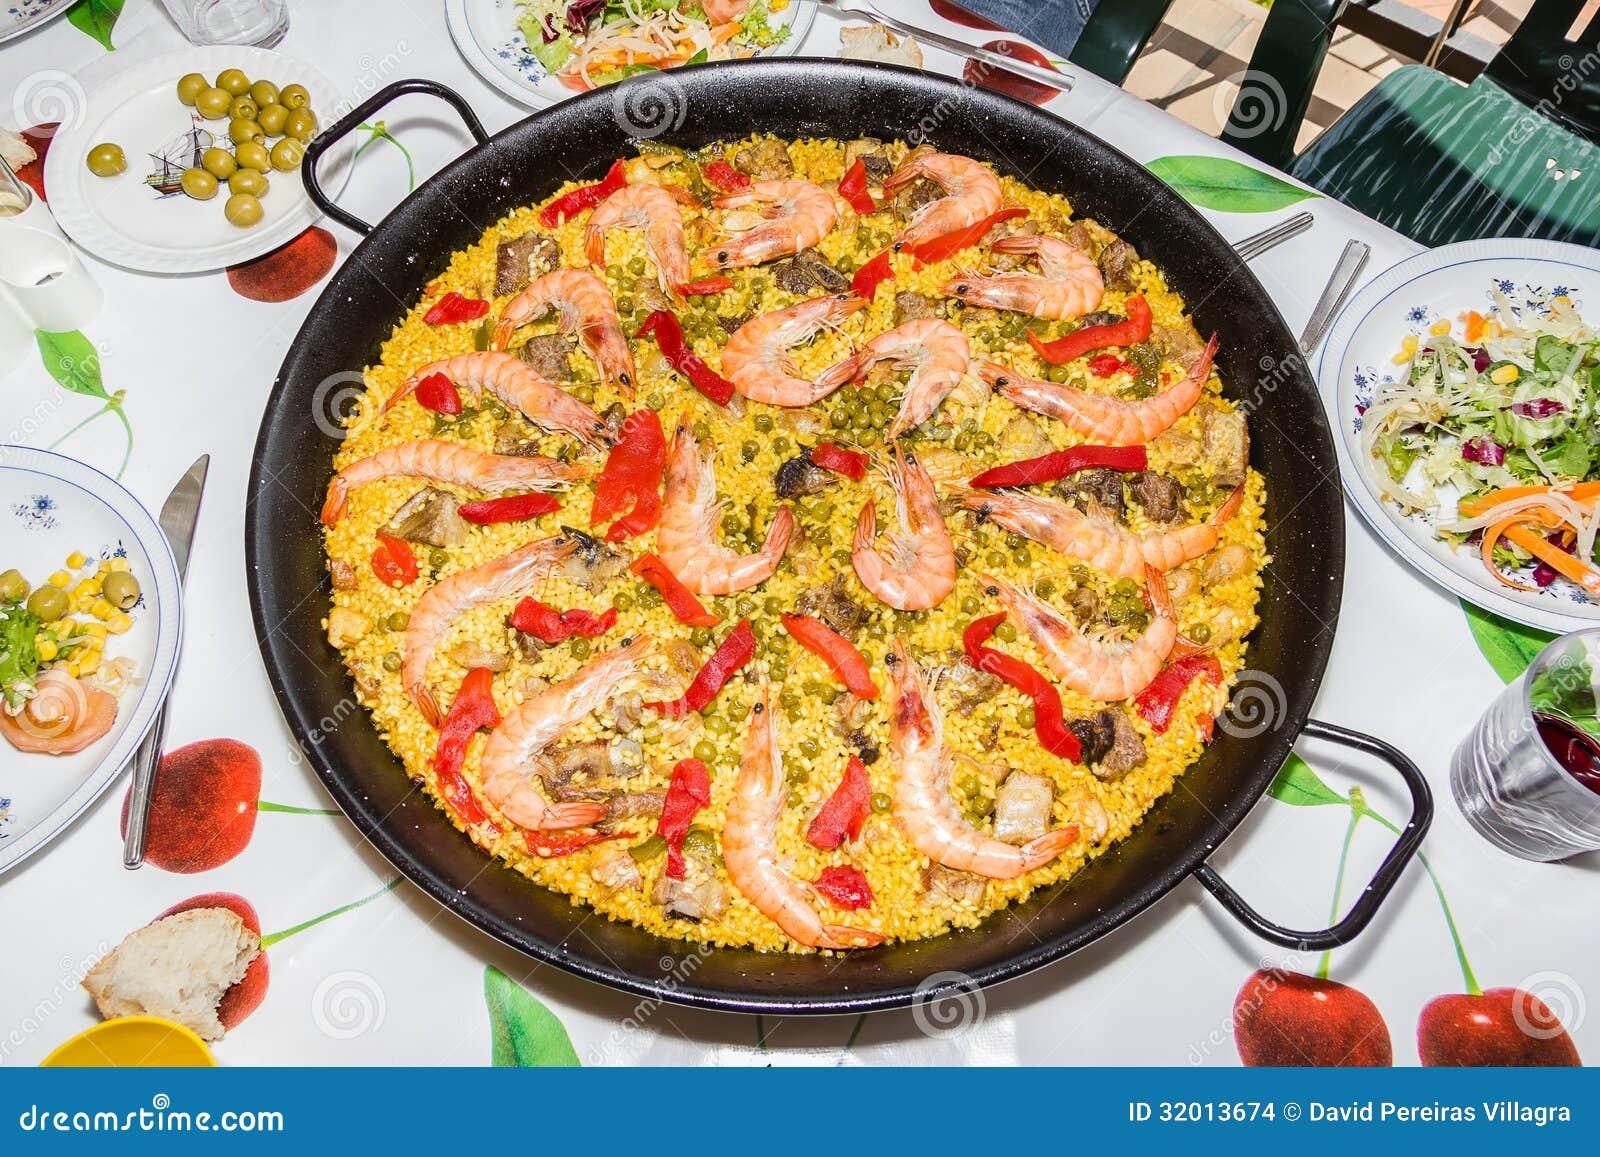 paella espagnole traditionnelle cuite dans une casserole images stock image 32013674. Black Bedroom Furniture Sets. Home Design Ideas